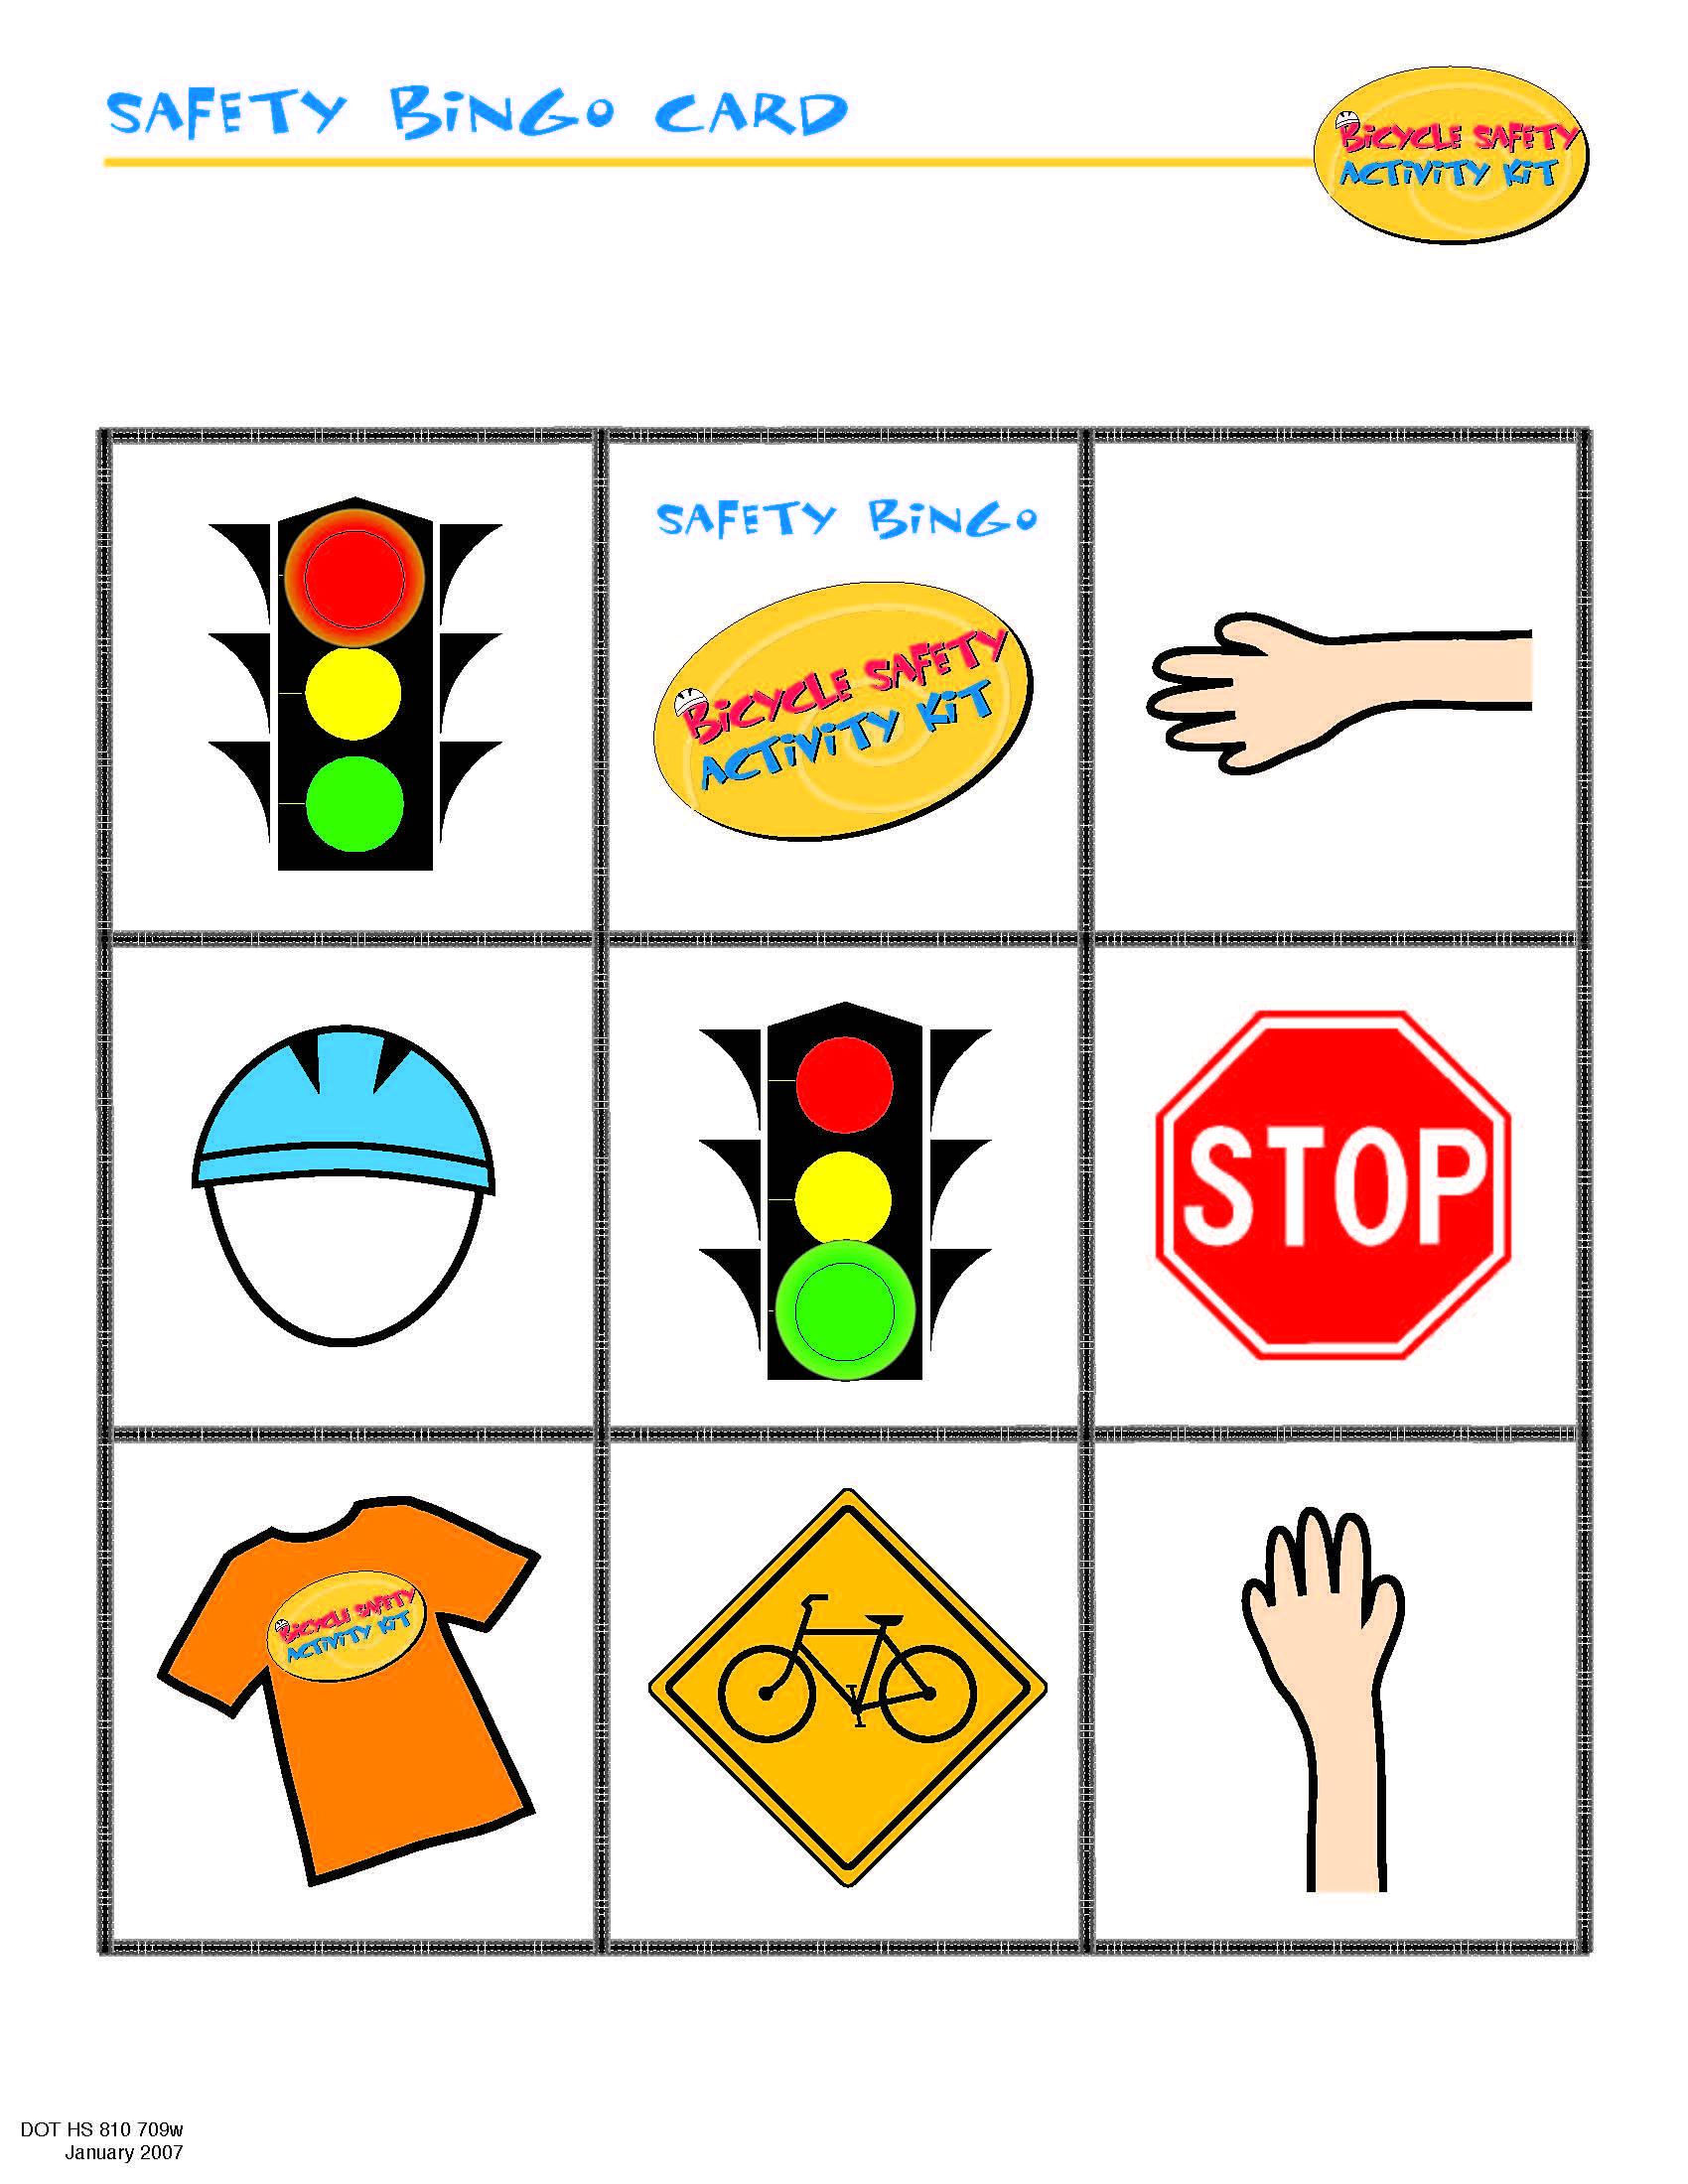 Bike Safety Bingo Card Staying Safe (Summer Camp